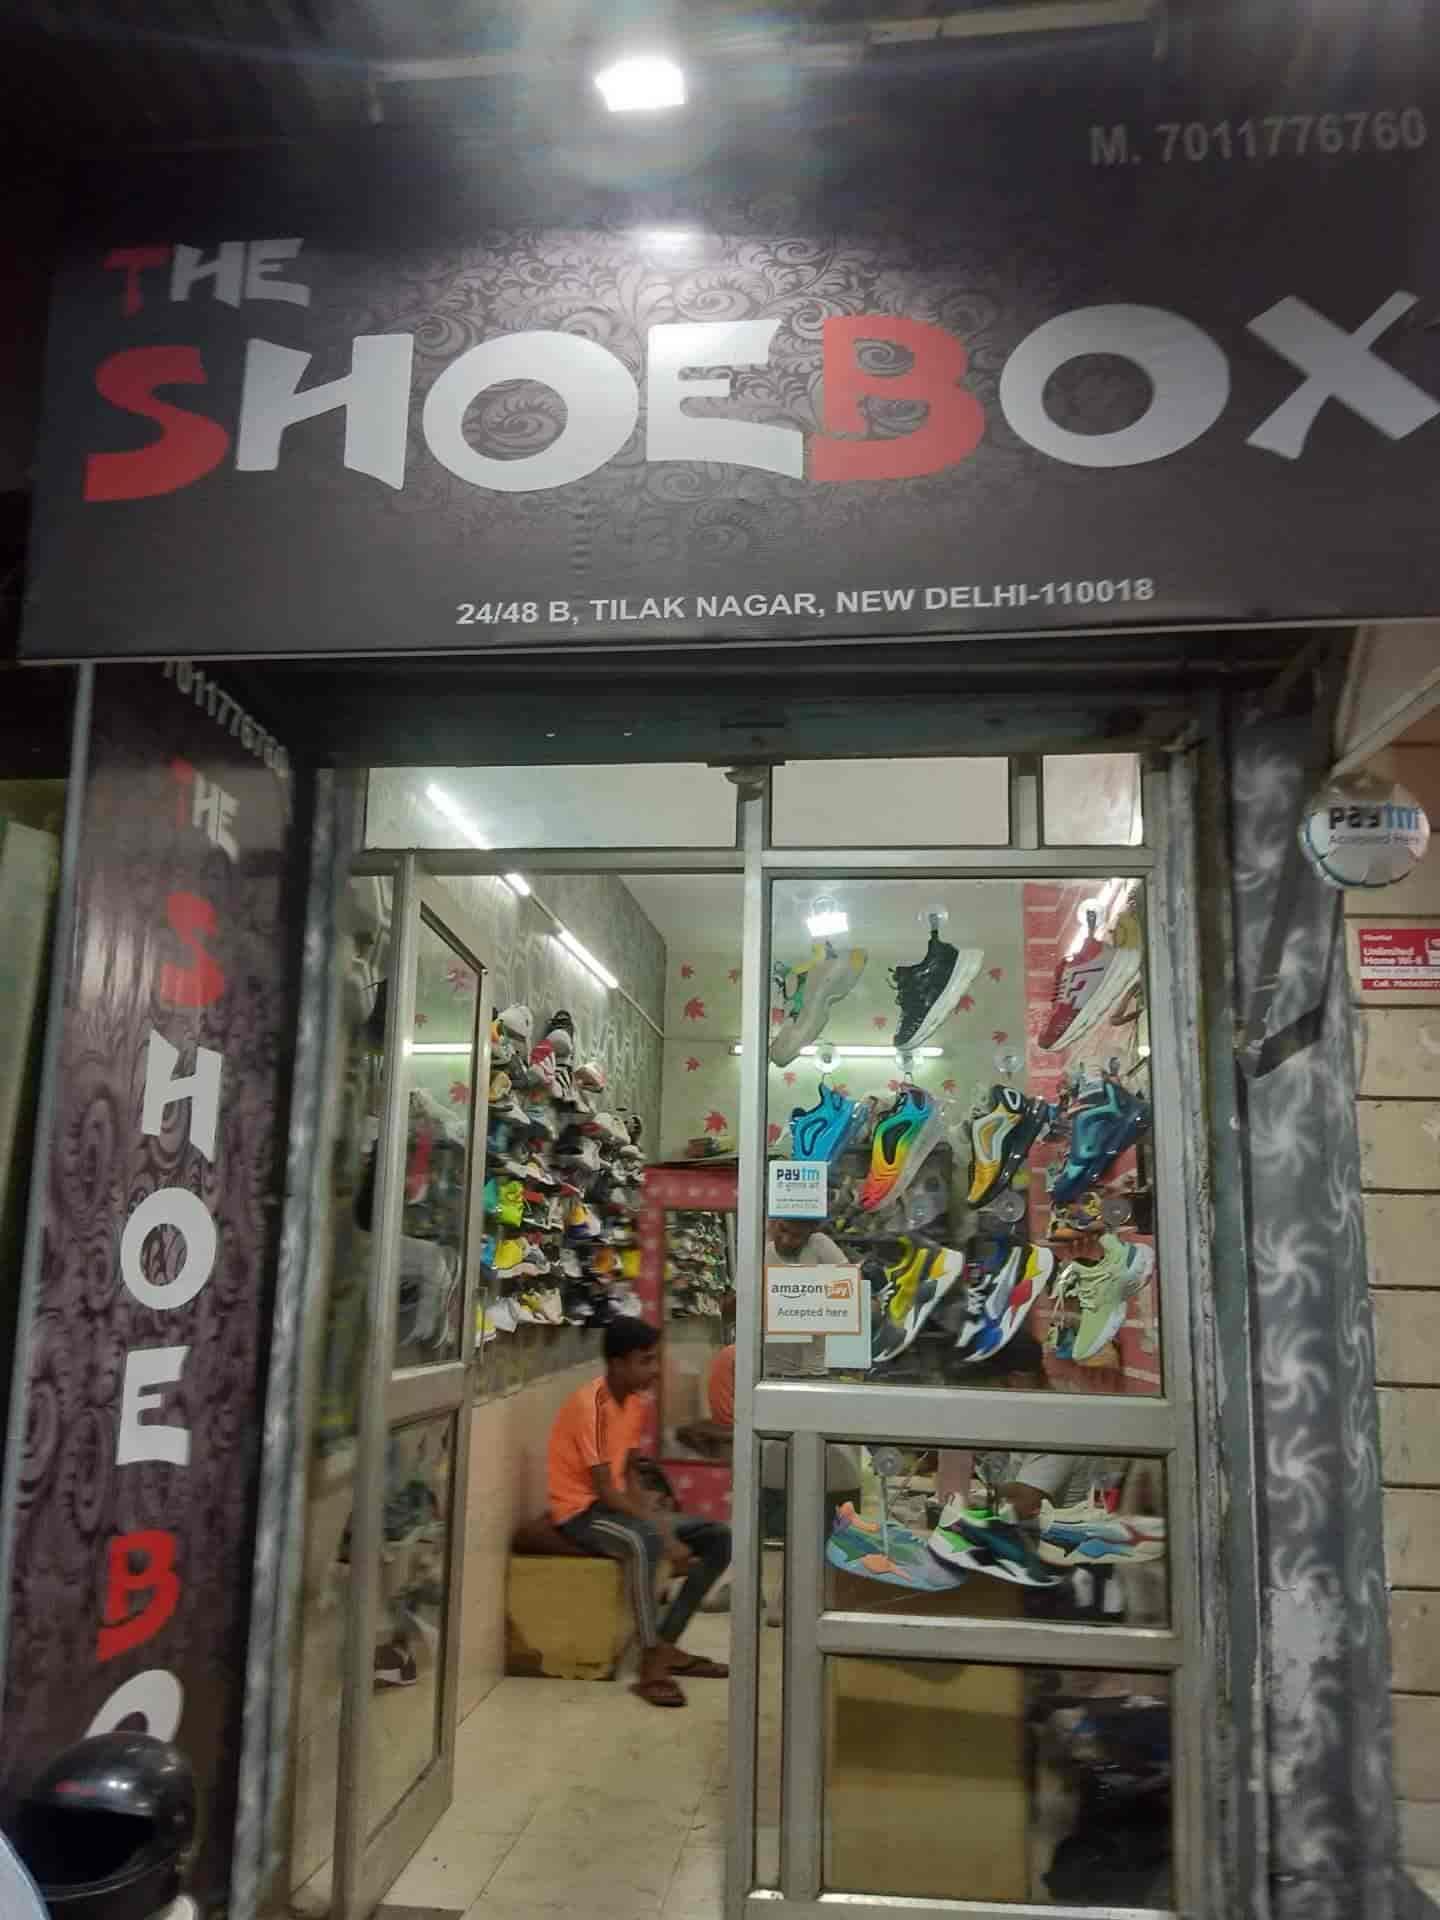 cheap shoe store tilak nagar